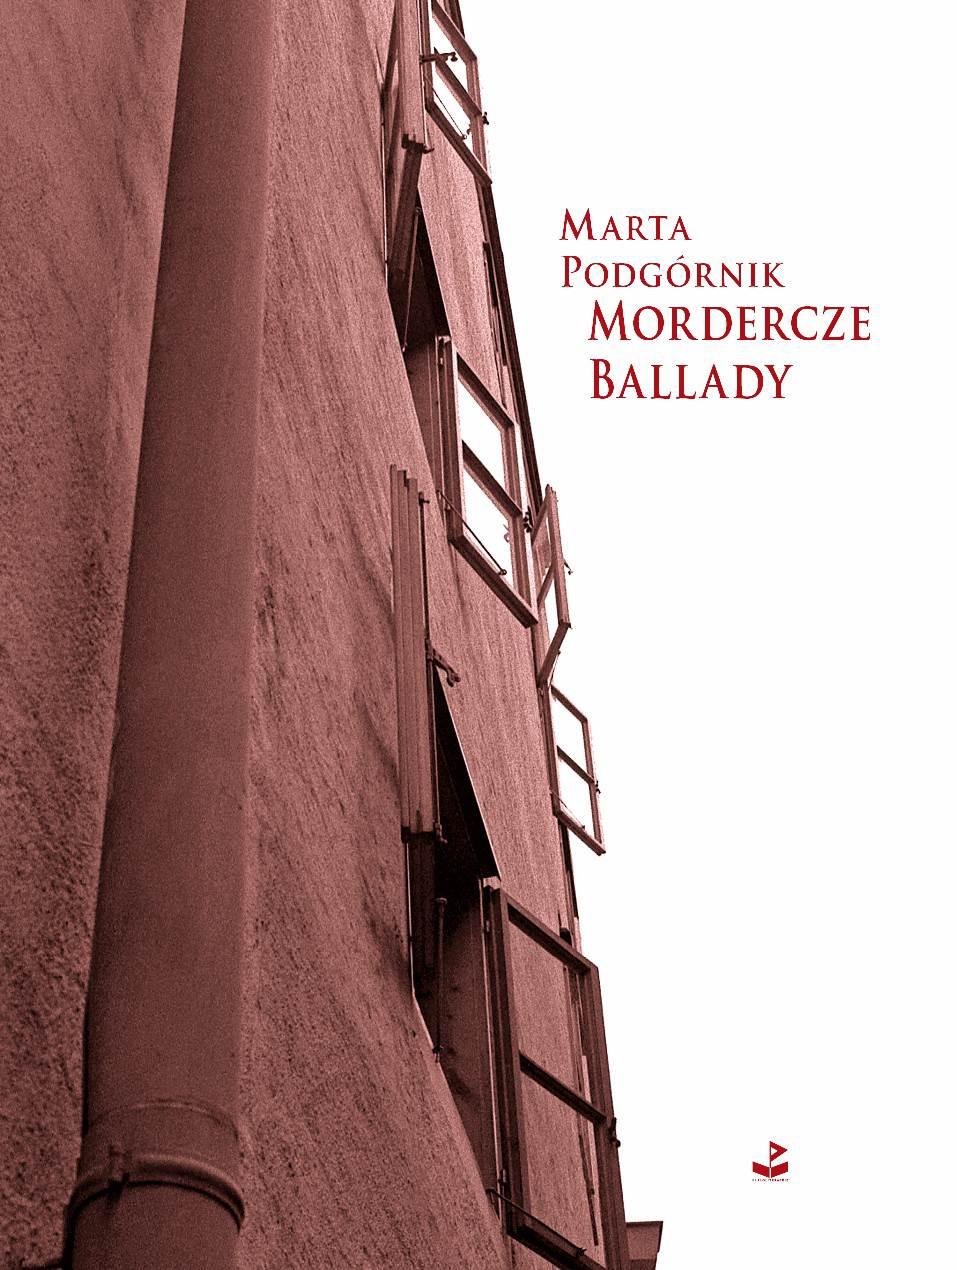 Mordercze ballady - Ebook (Książka na Kindle) do pobrania w formacie MOBI